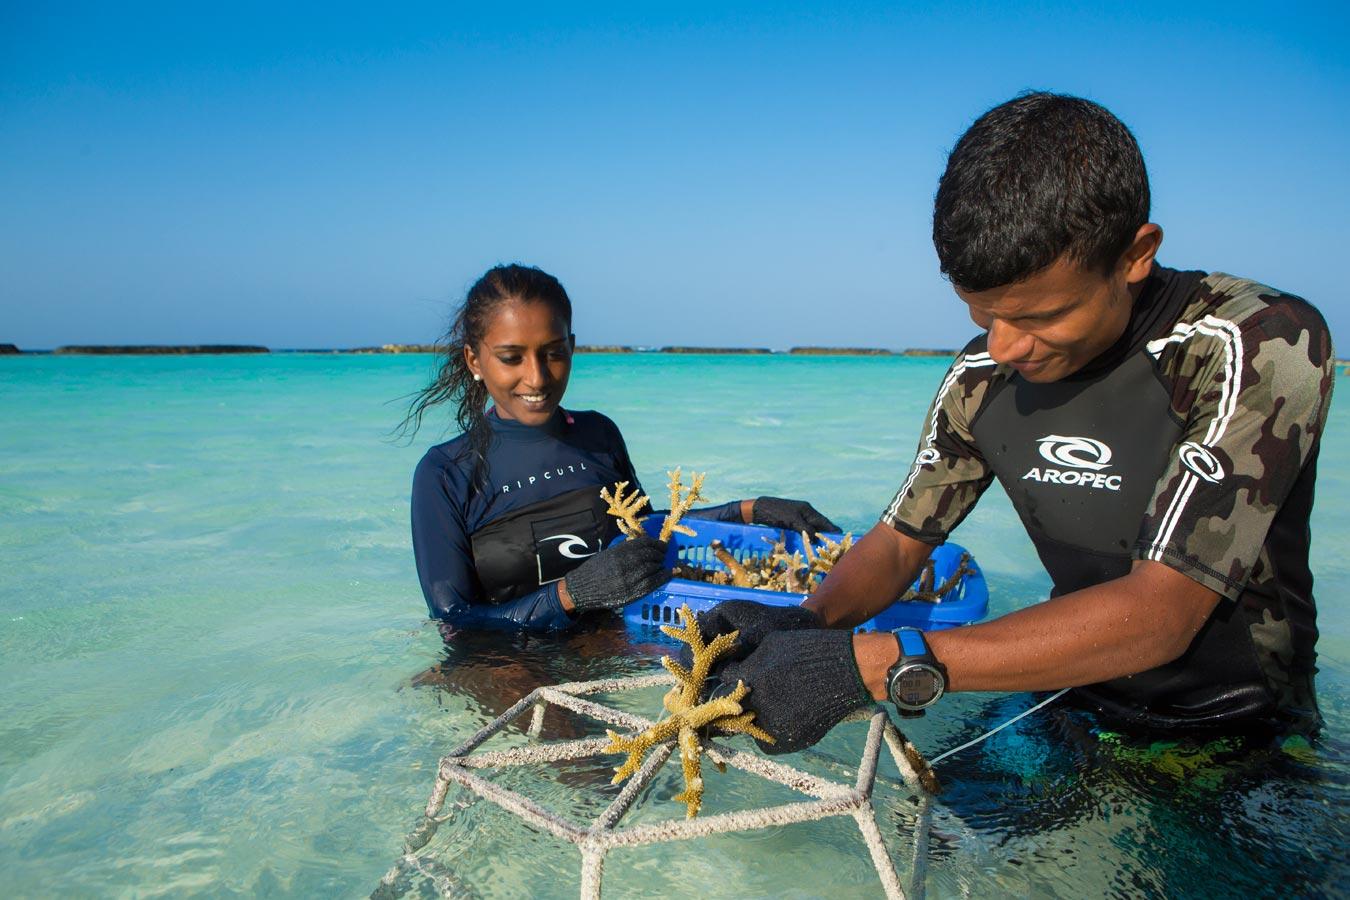 كورومبا المالديف منتجع لزراعة المرجان